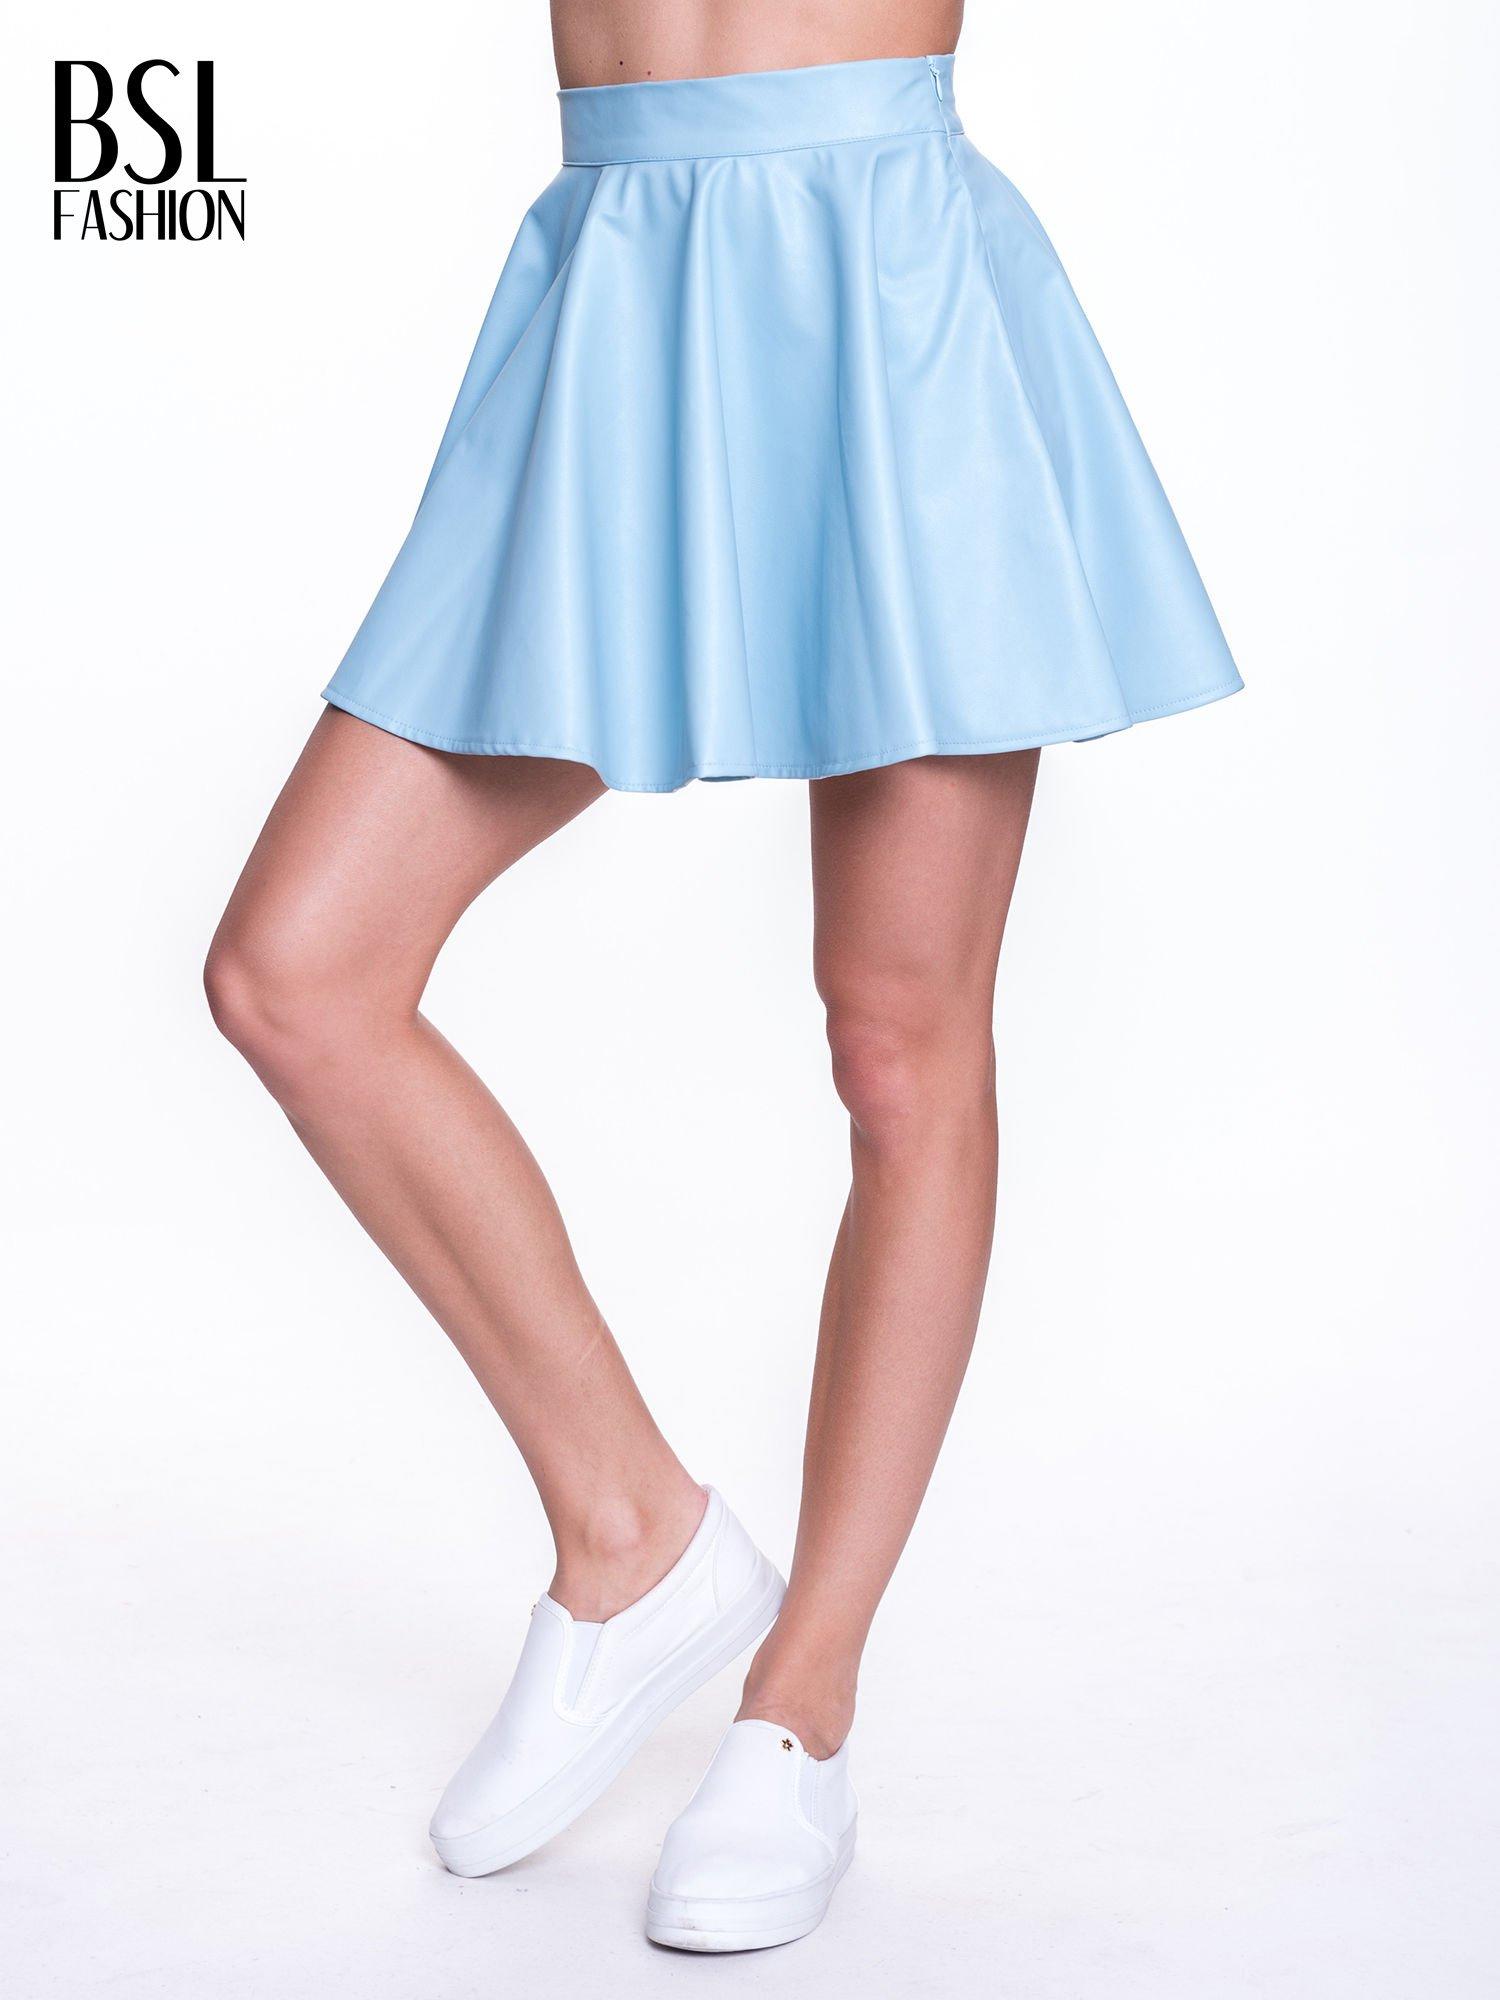 Błękitna mini spódnica skater ze skóry                                  zdj.                                  1